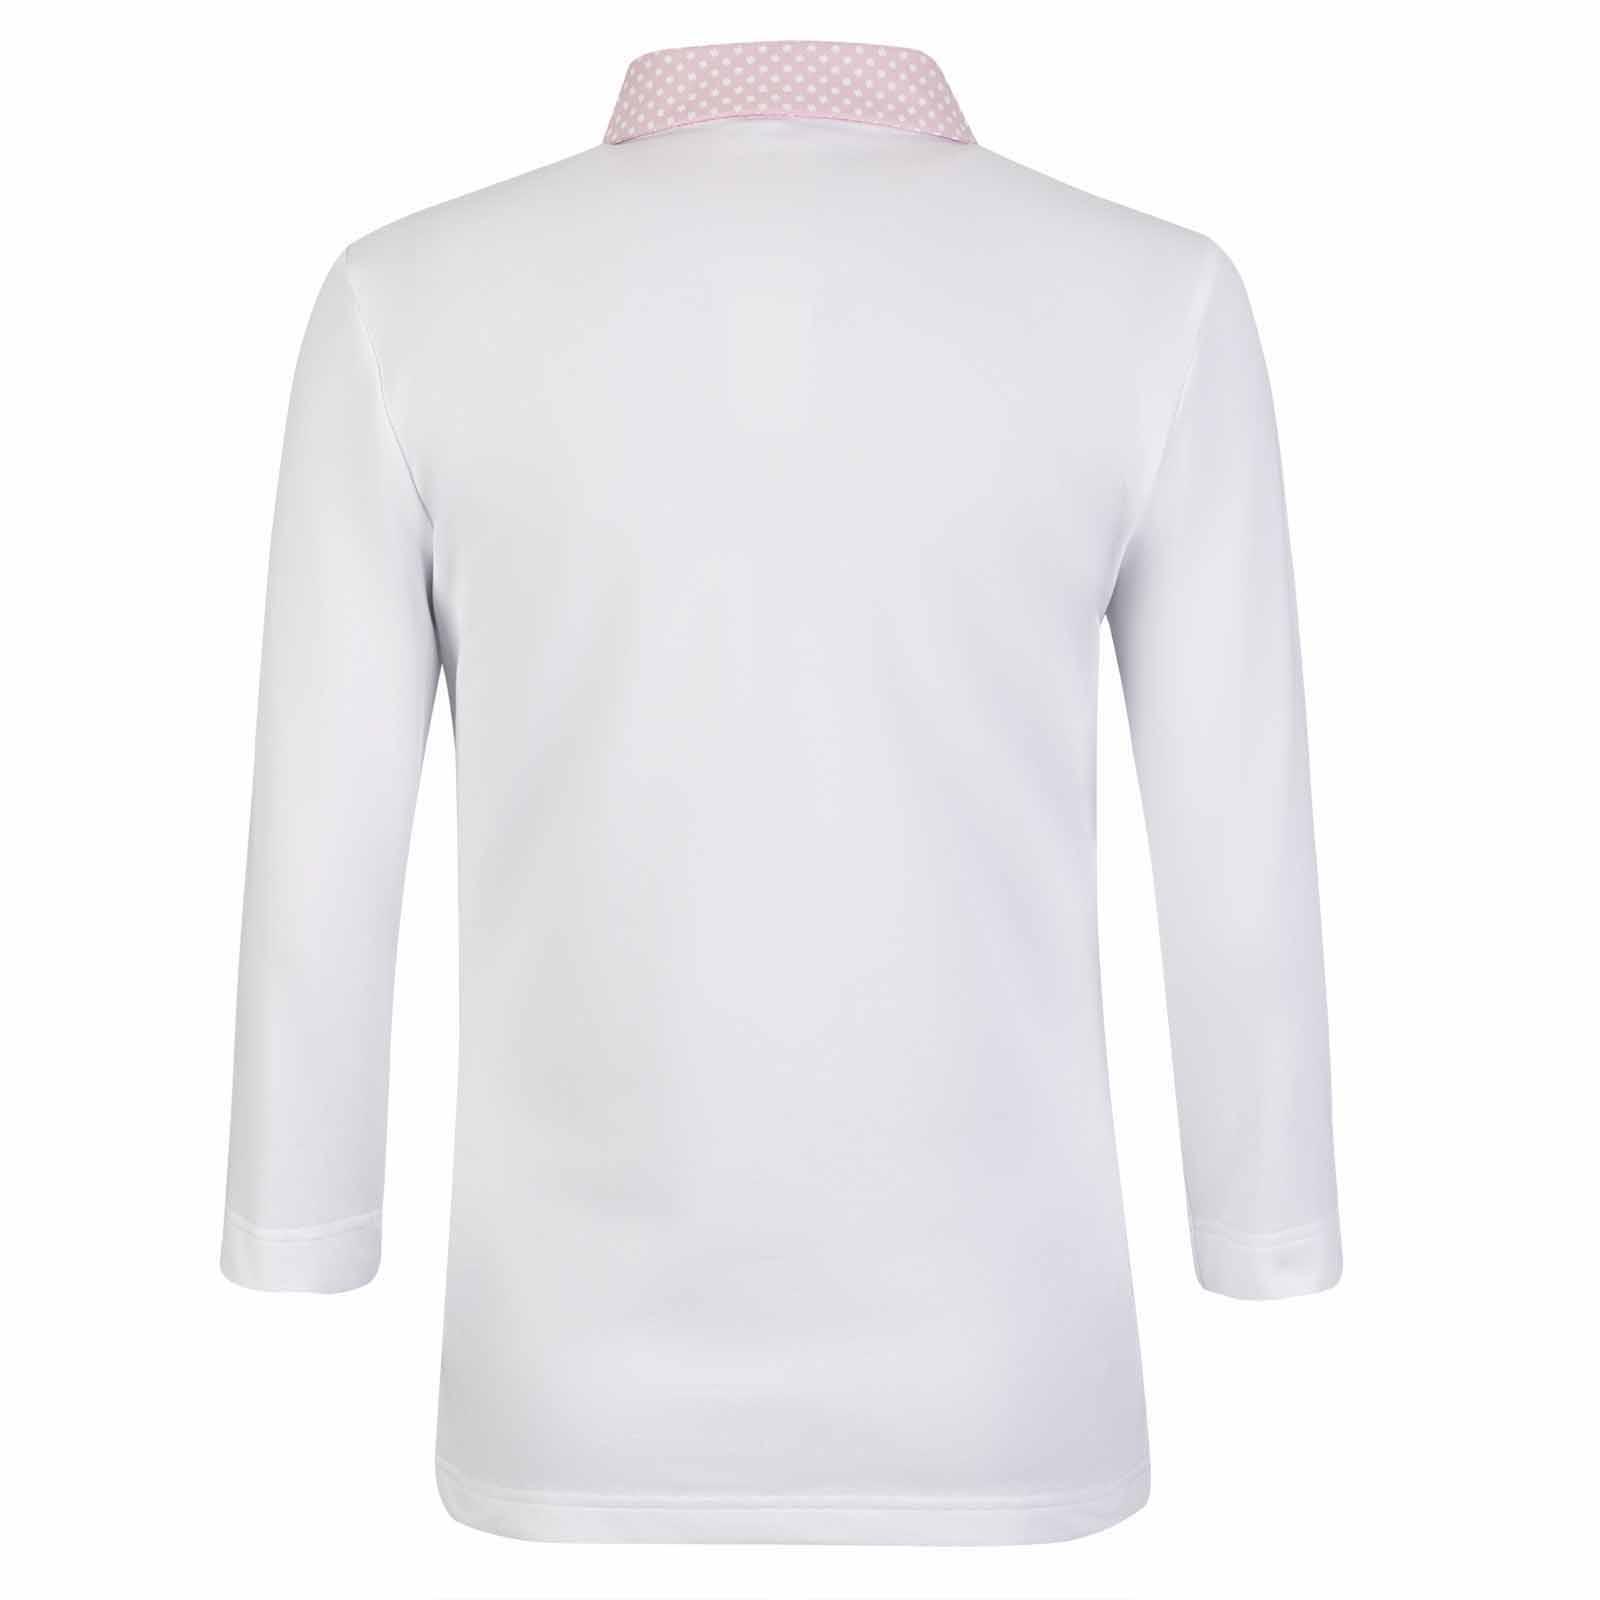 Damen 3/4-Arm Poloshirt mit Sonnenschutz und modischem Muster in Slim Fit